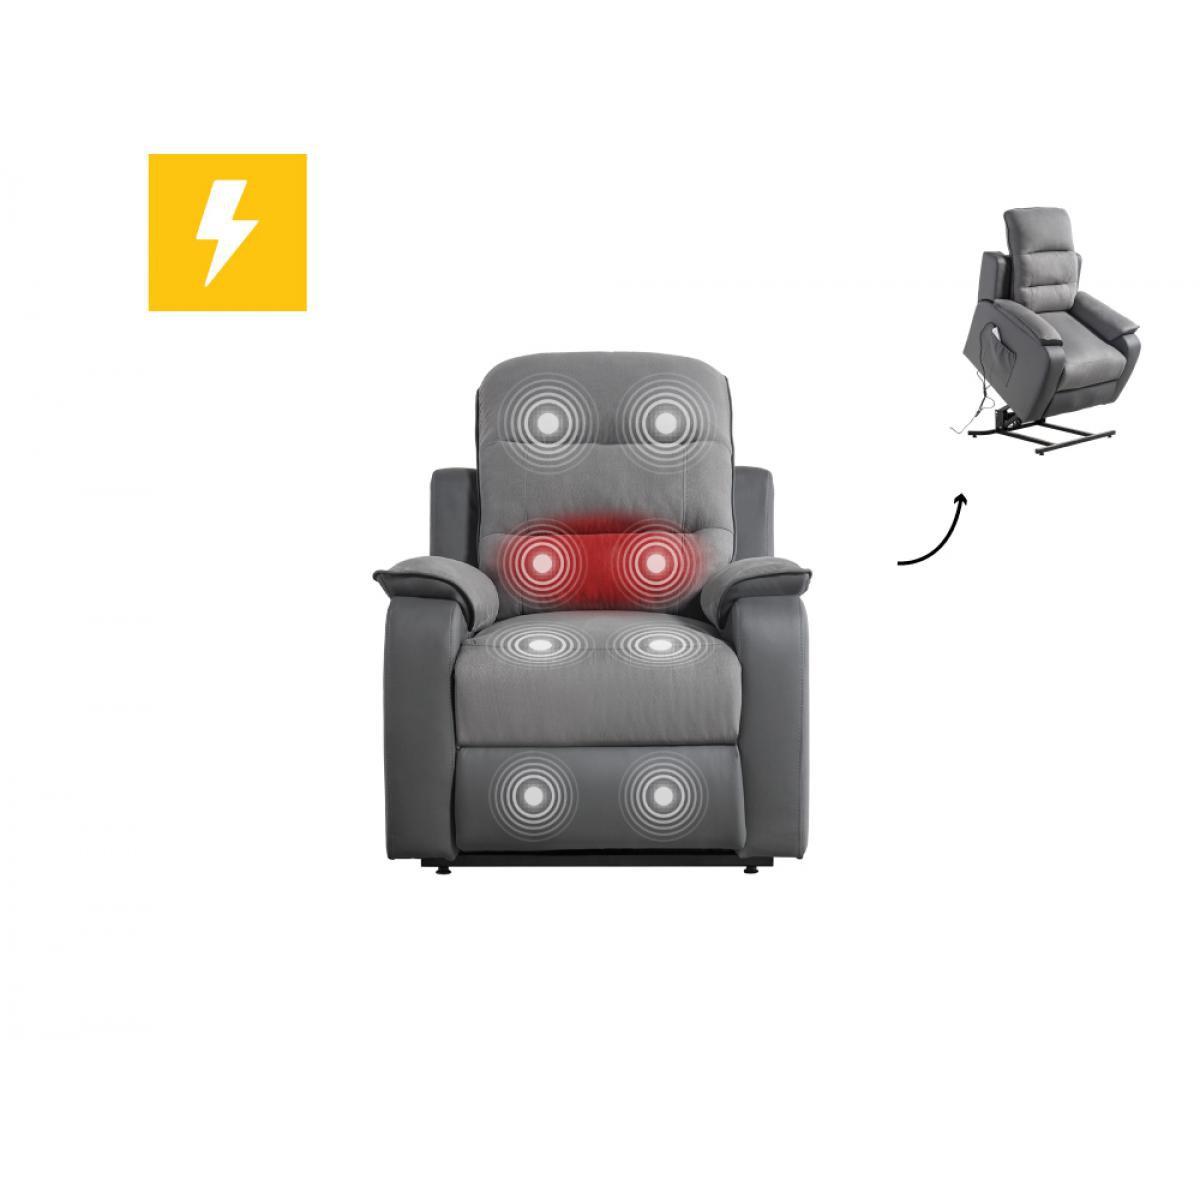 Usinestreet Fauteuil de relaxation massant chauffant FABIO électrique et releveur en Microfibre / Simili - Couleur - Gris